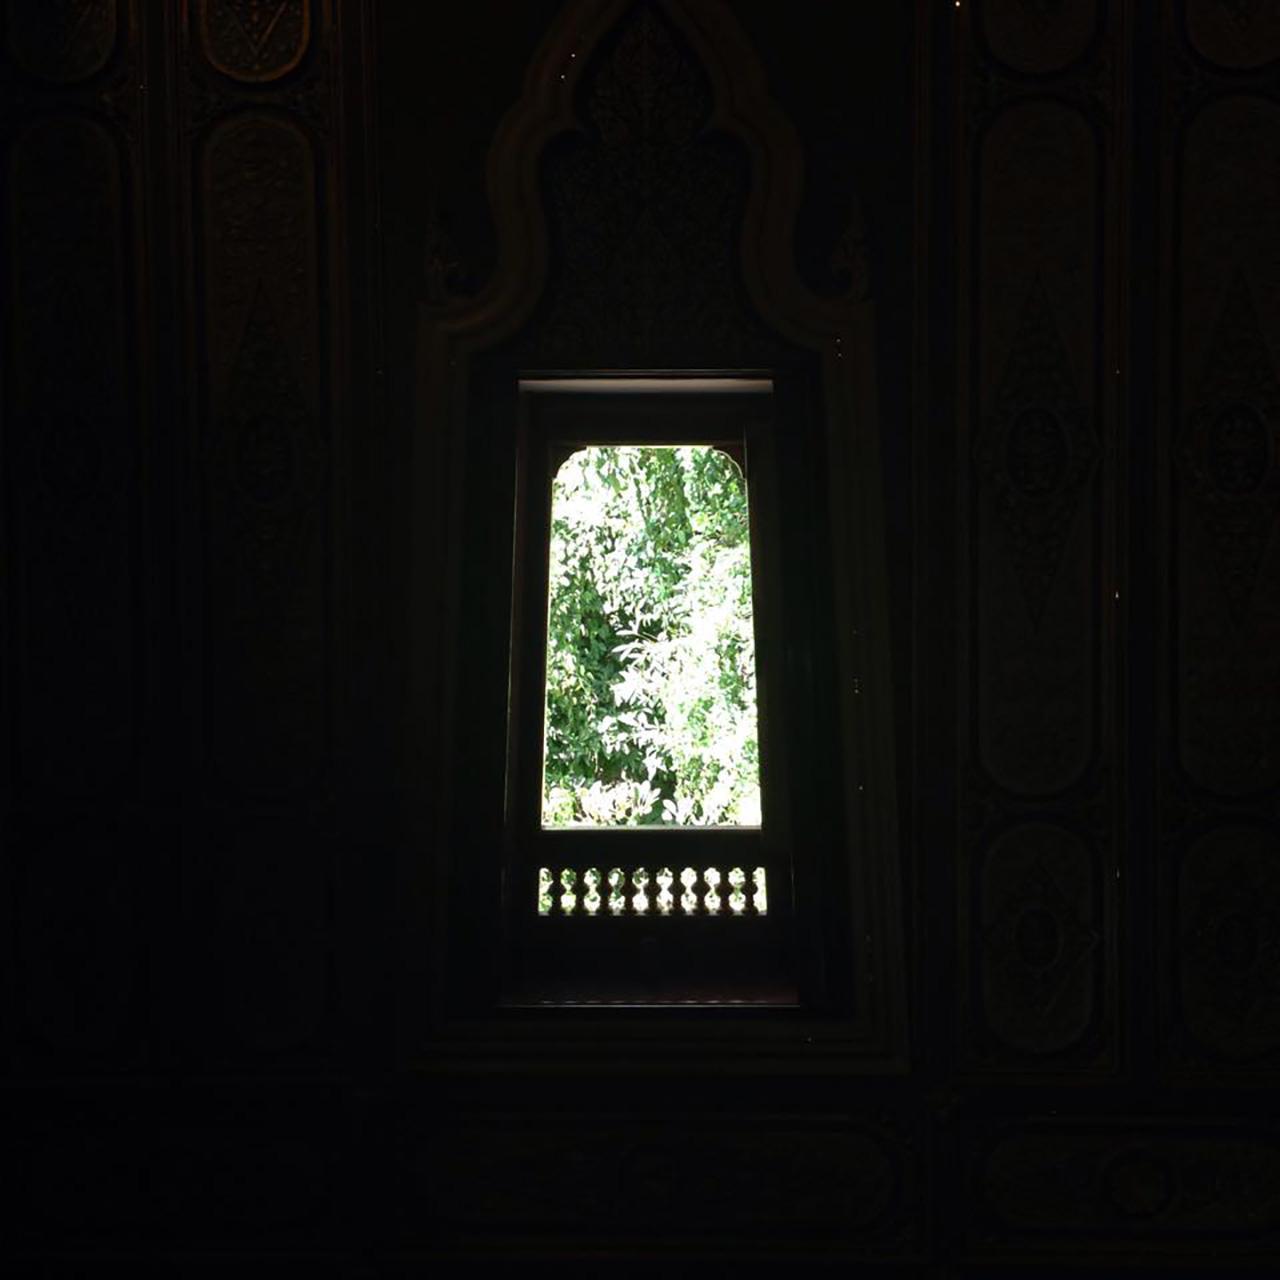 แสงสว่างในความมืด